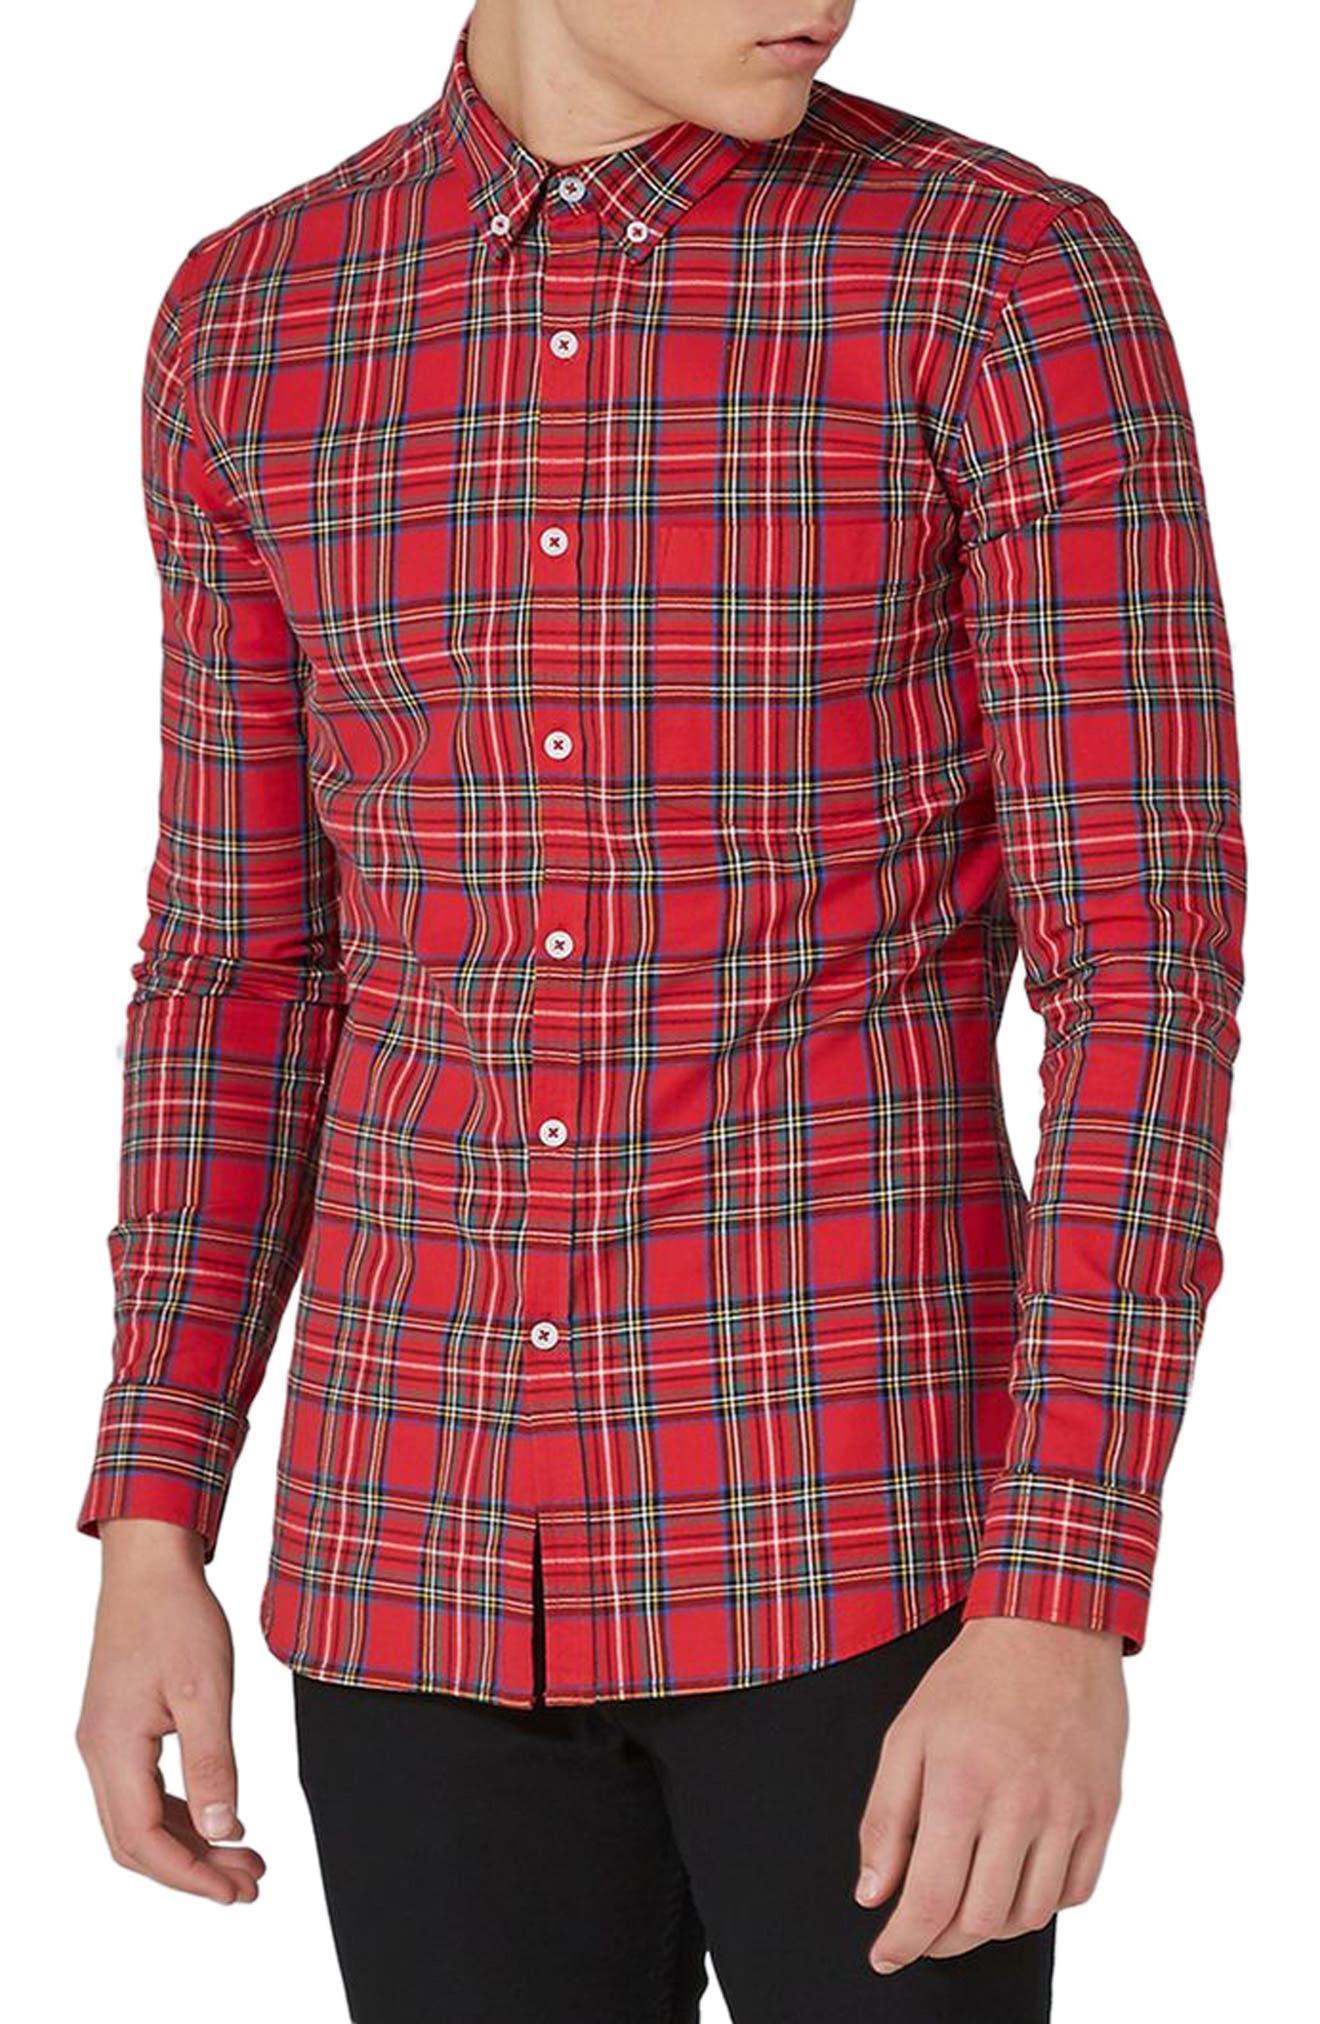 Topman Trim Fit Tartan Shirt